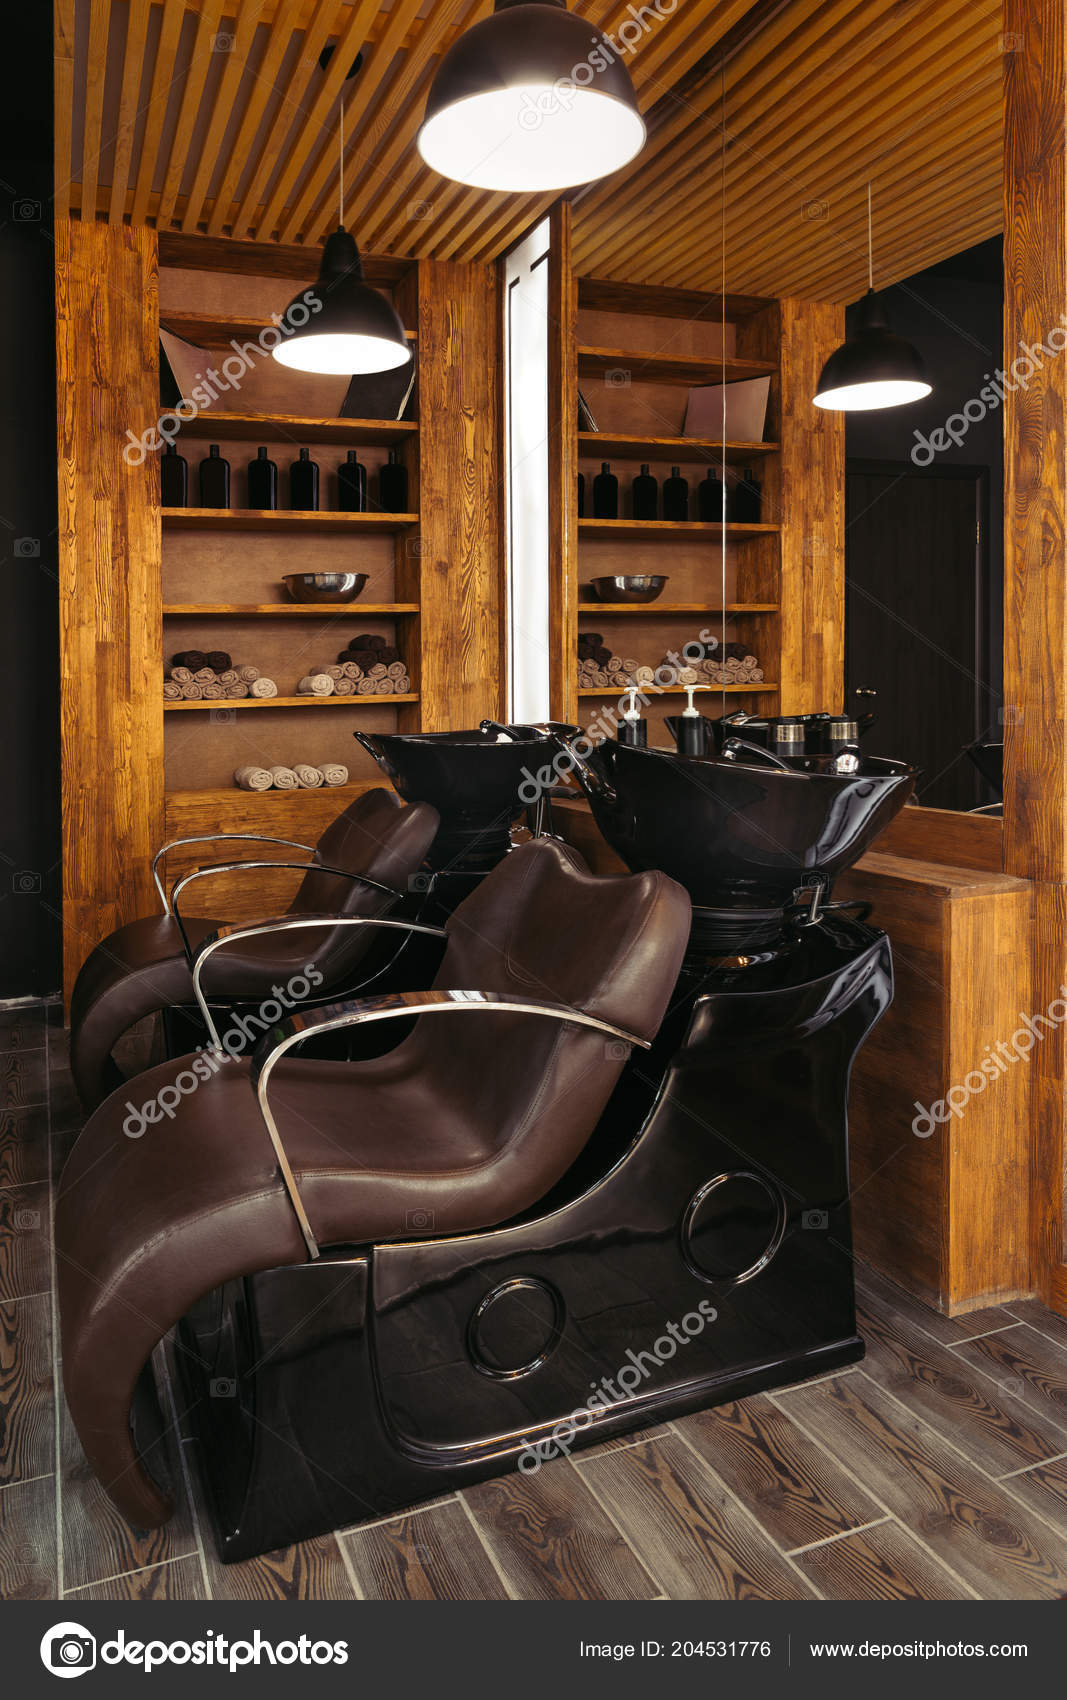 Chaises Cuir Vide Les Puits Dans Salon Coiffure Moderne ...